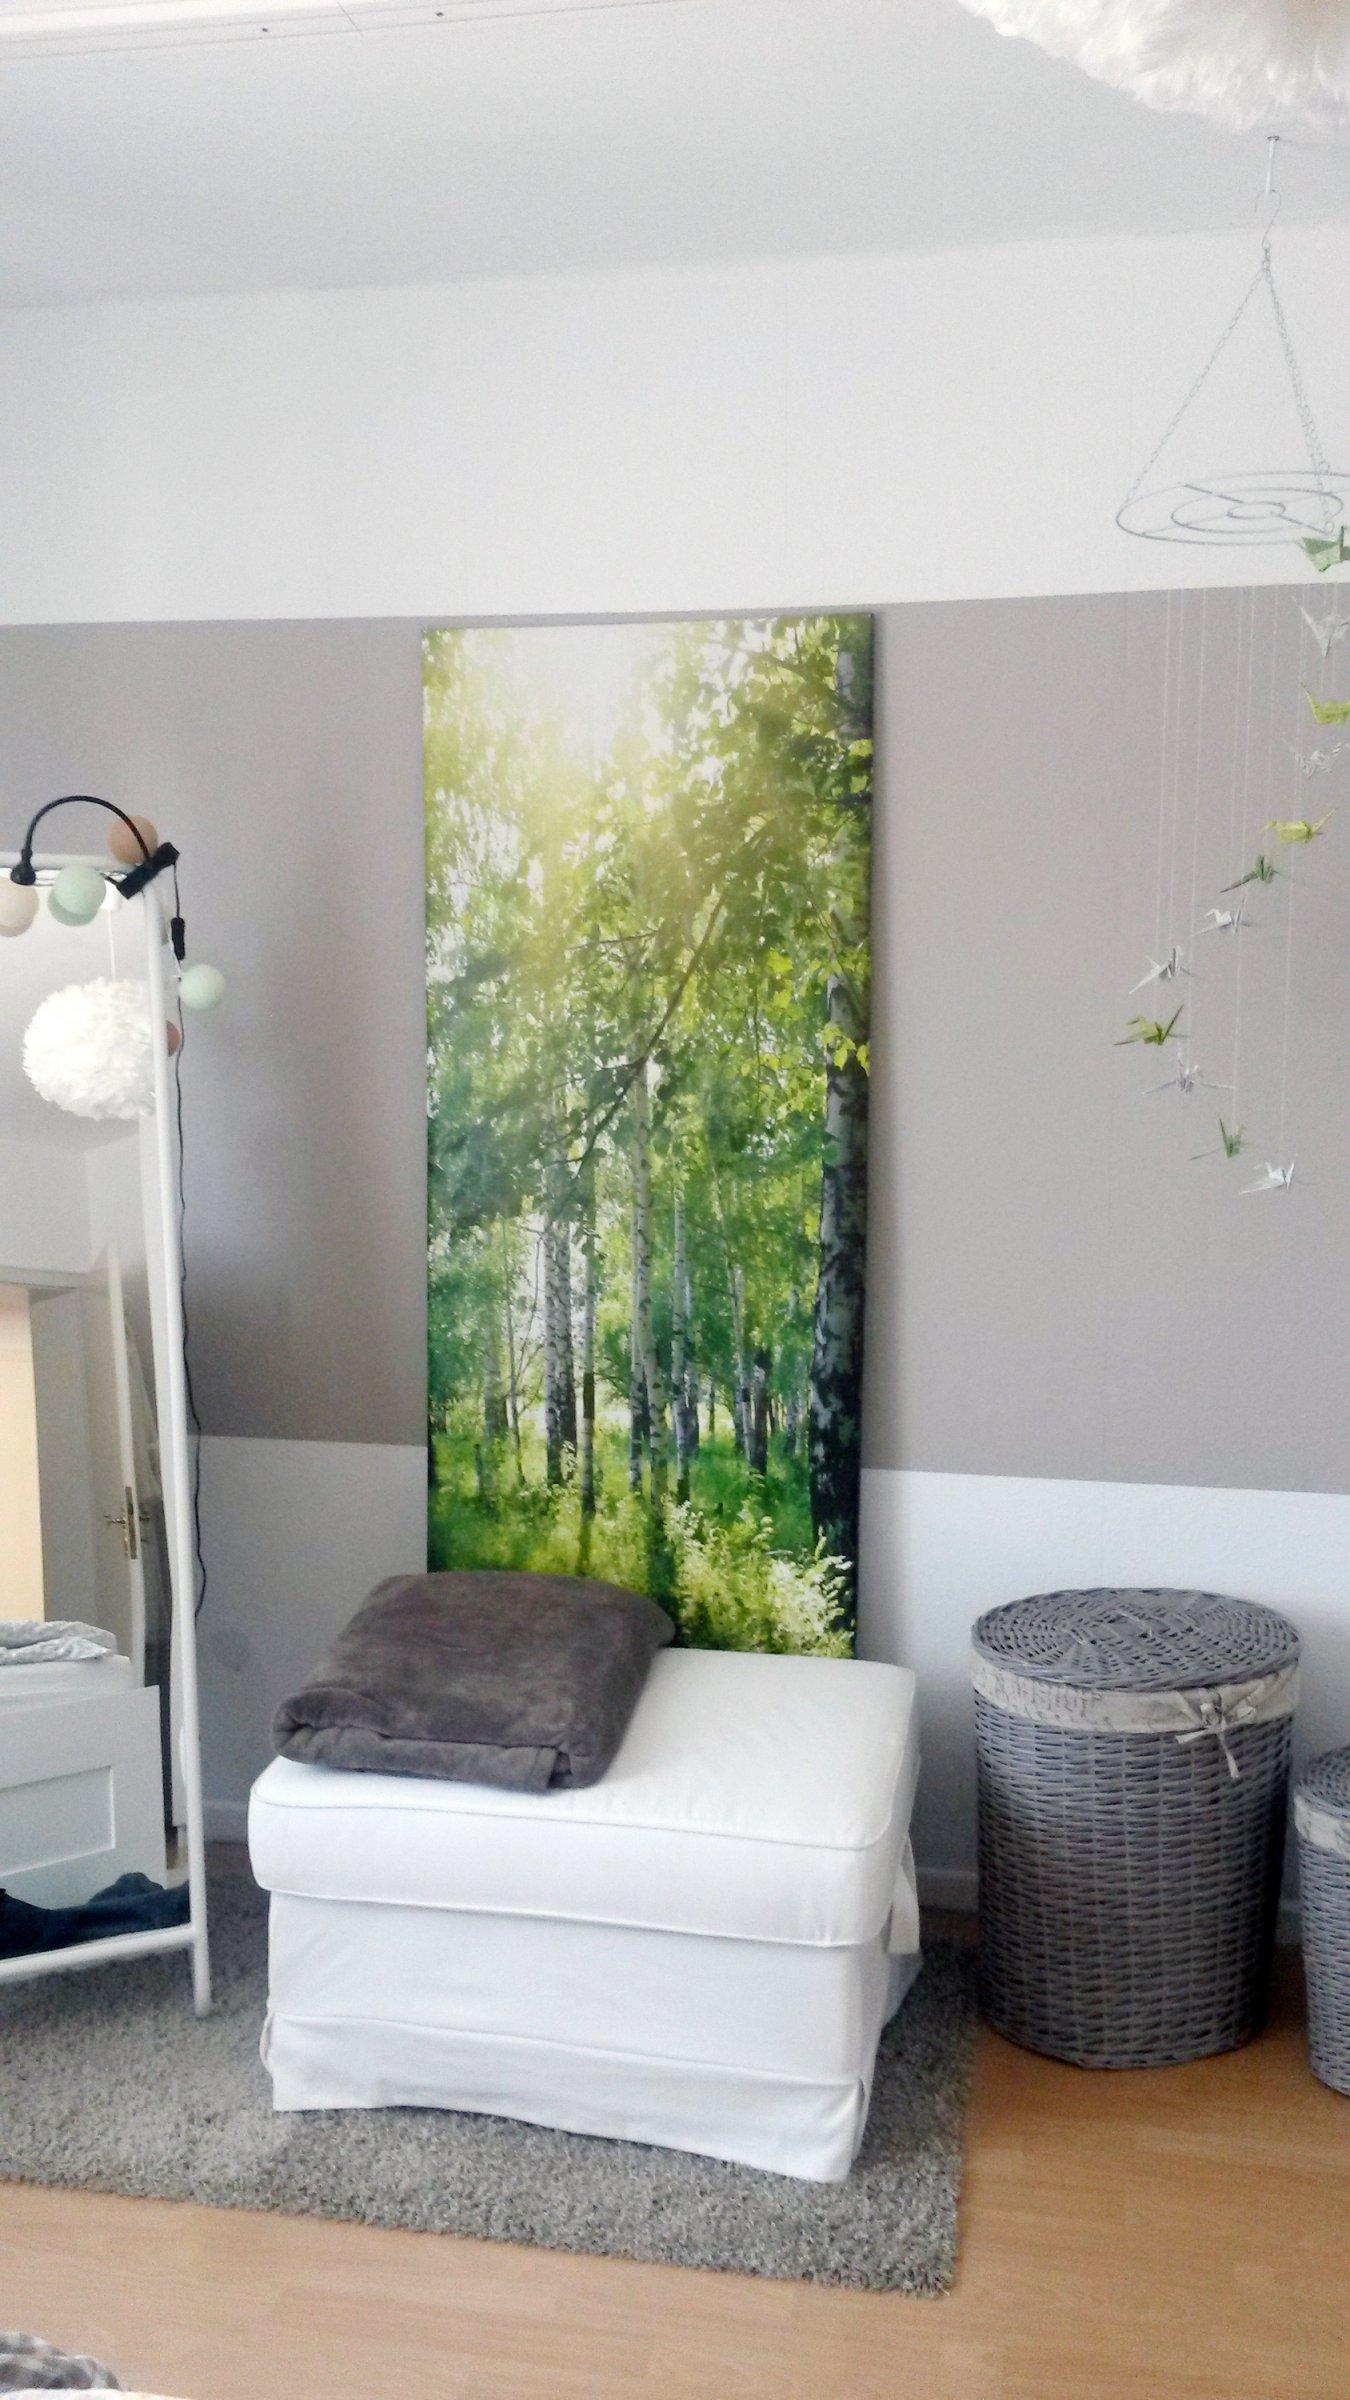 schlafzimmer 39 schlafzimmer 39 neue wohnung zimmerschau. Black Bedroom Furniture Sets. Home Design Ideas